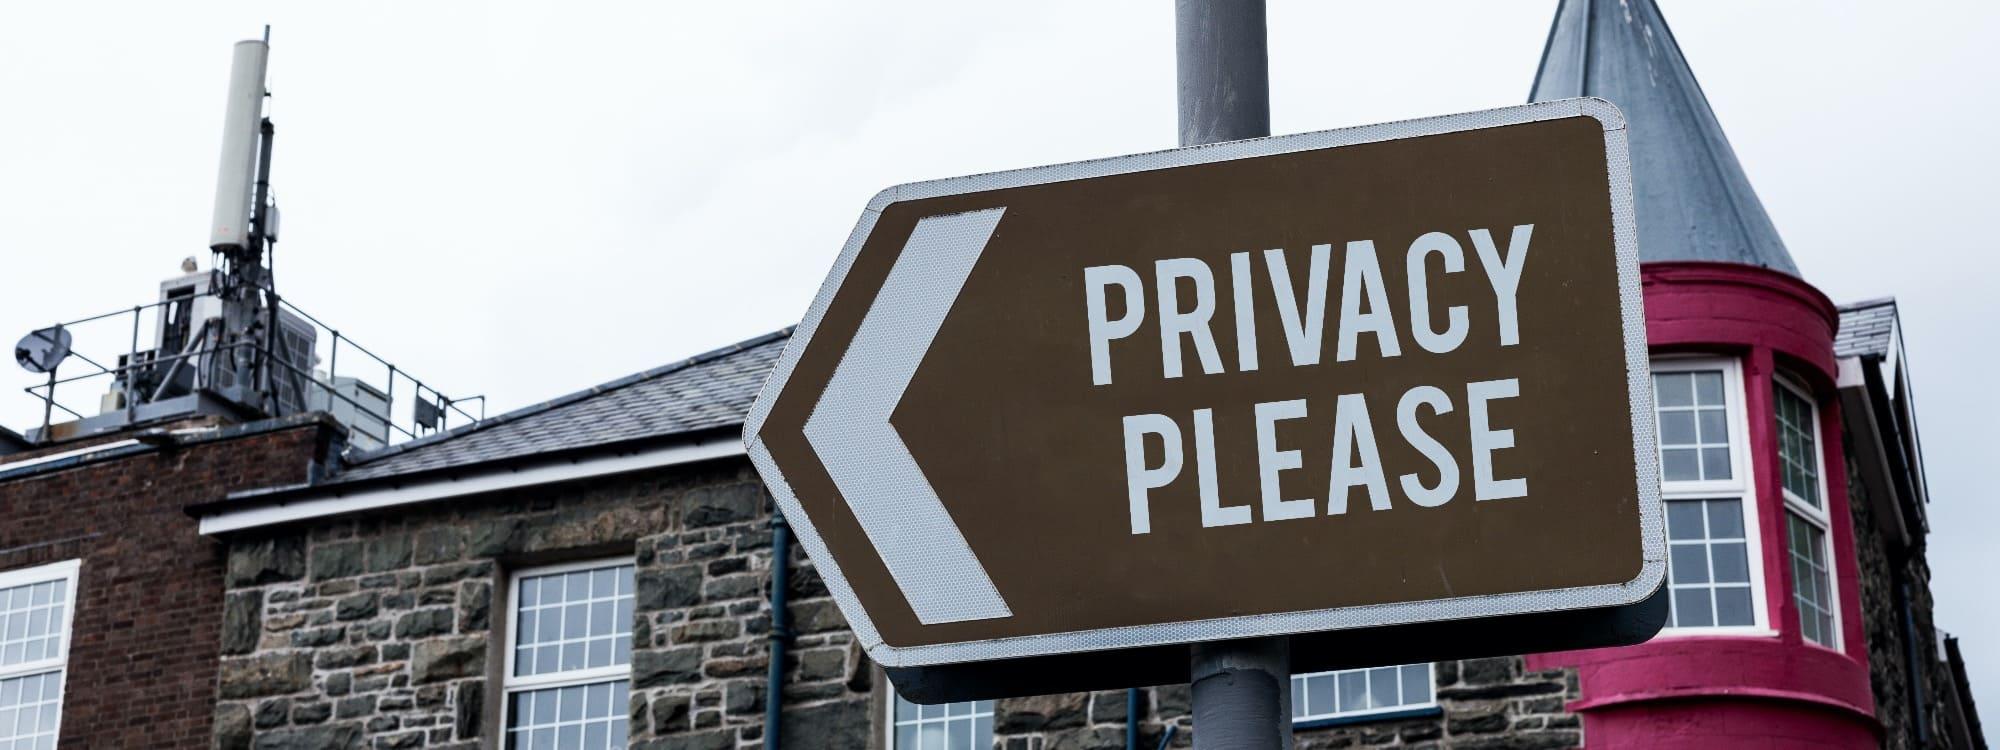 Datenschutz wird groß geschrieben bei der Reiseberatung Exclusive Cruising